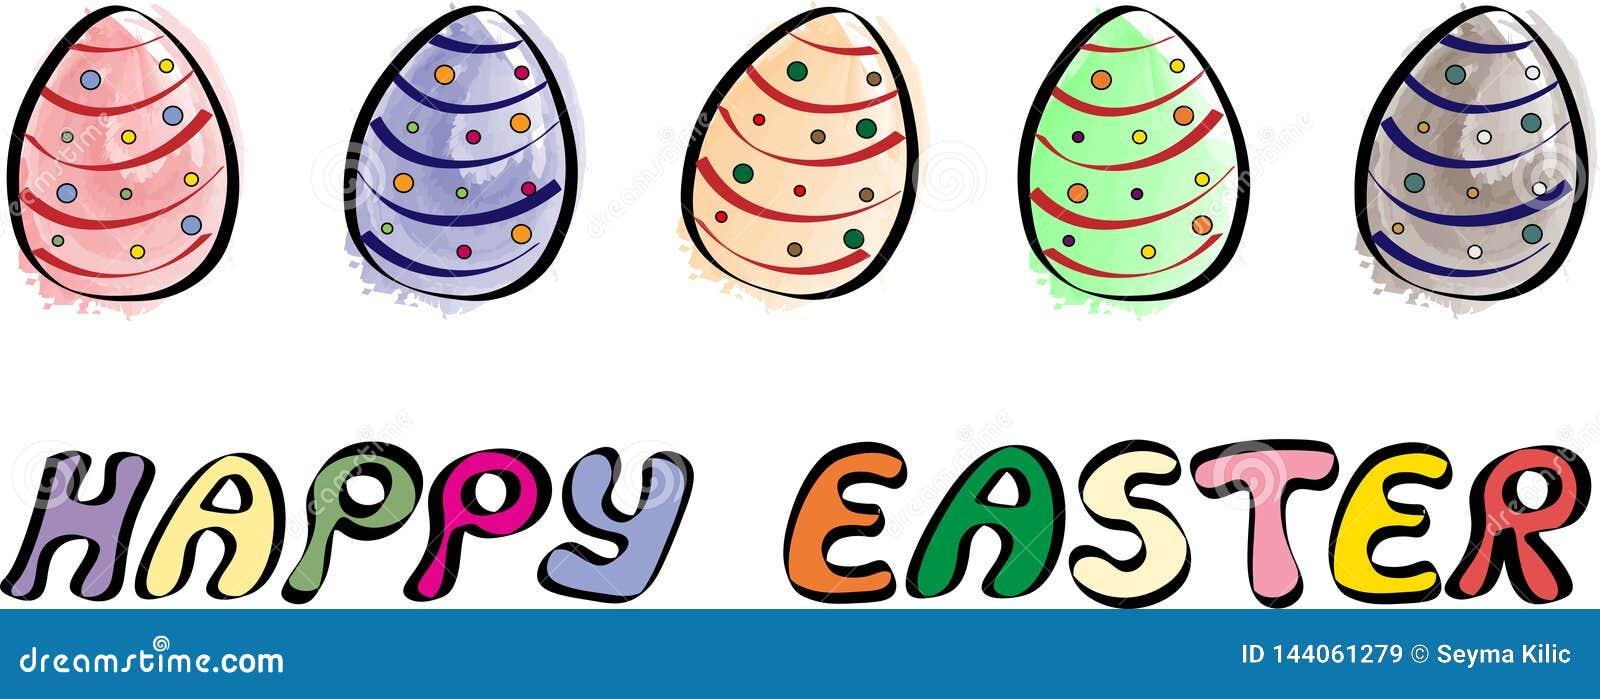 Glückliche Ostern-Fahne mit der fünf Ei-Illustration